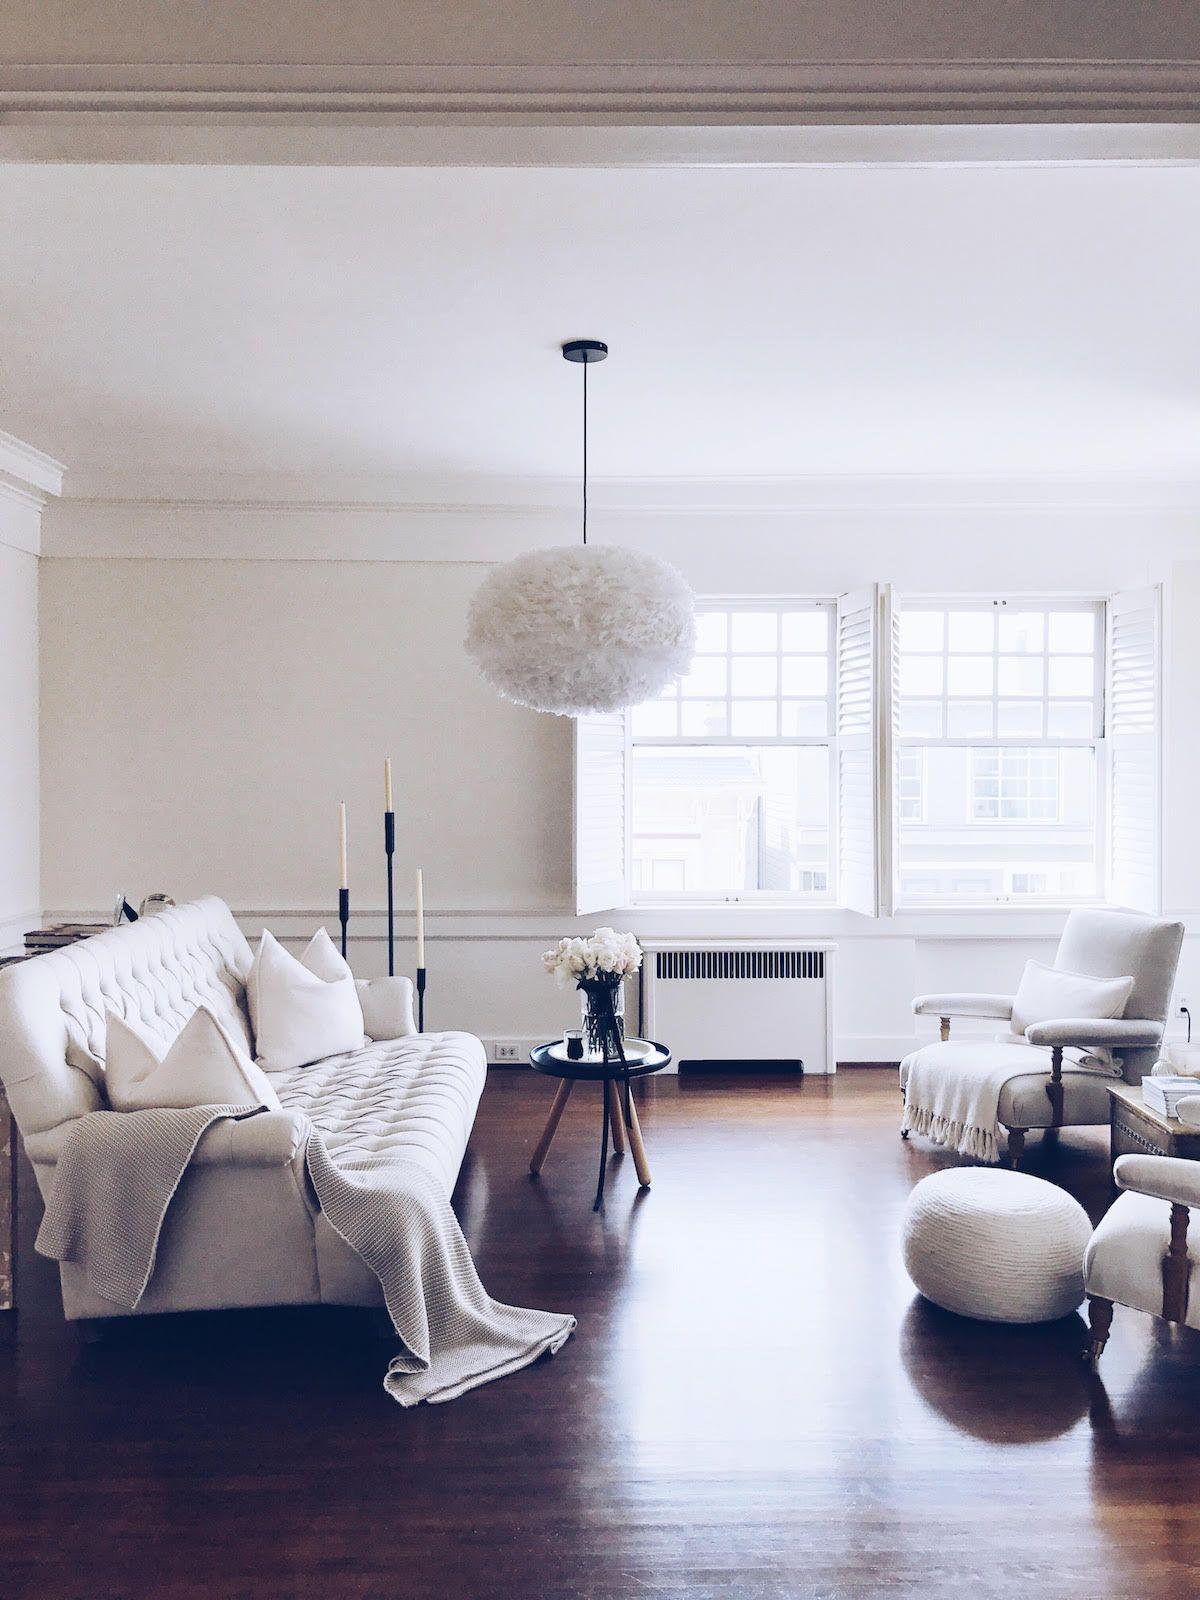 High Quality Living Room. SacramentoLiving Spaces